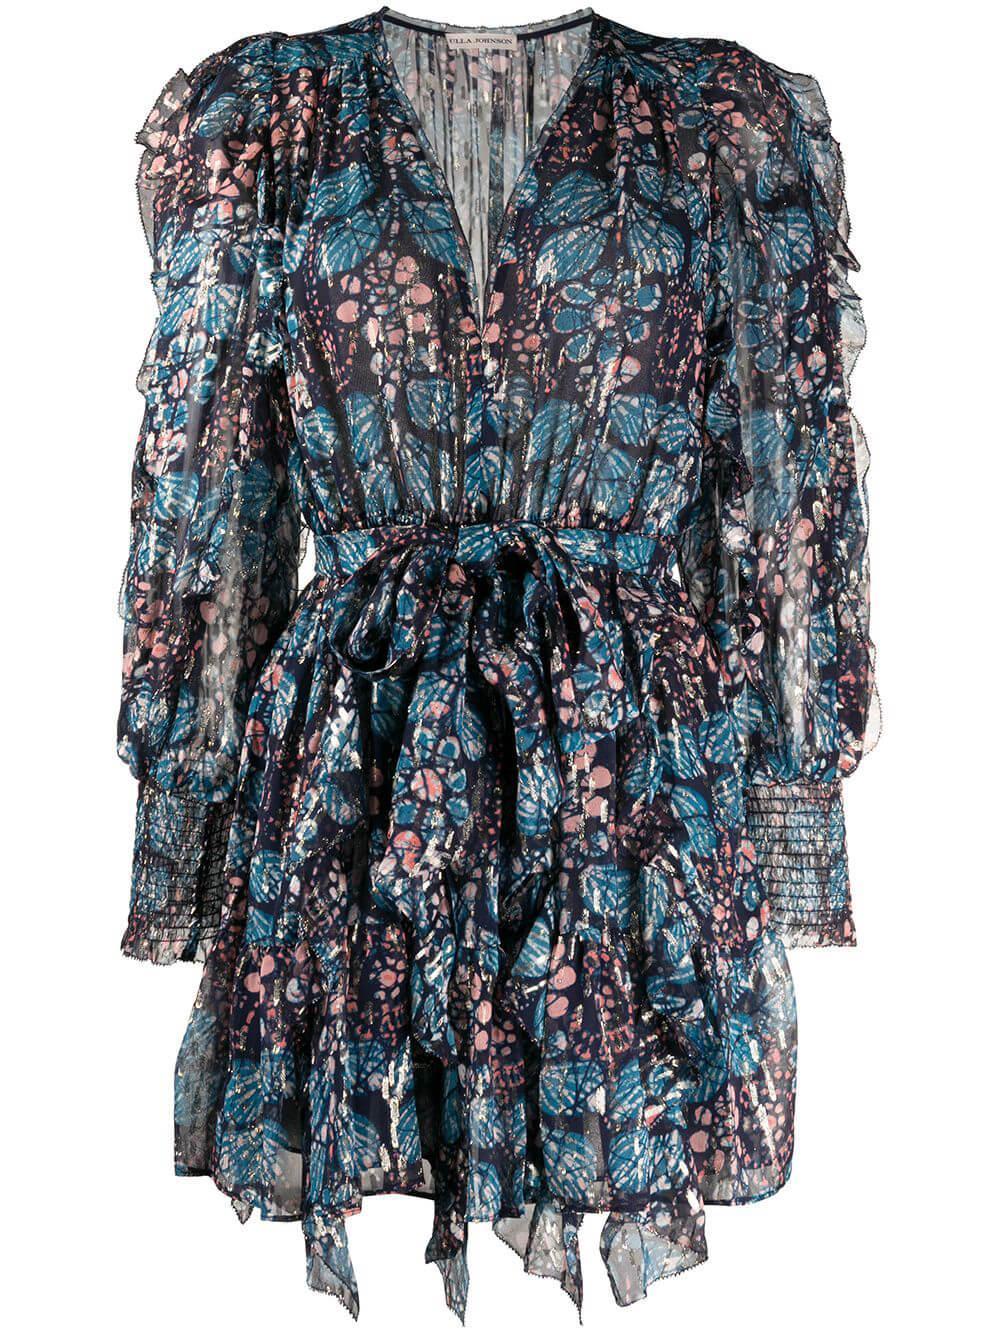 Natalia Short Full Sleeve Dress